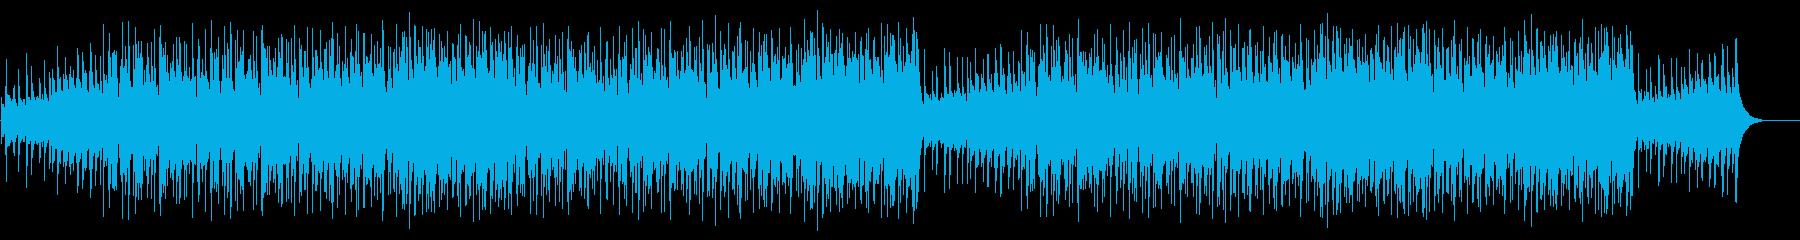 安らぐソフトなポップ(フルサイズ)の再生済みの波形